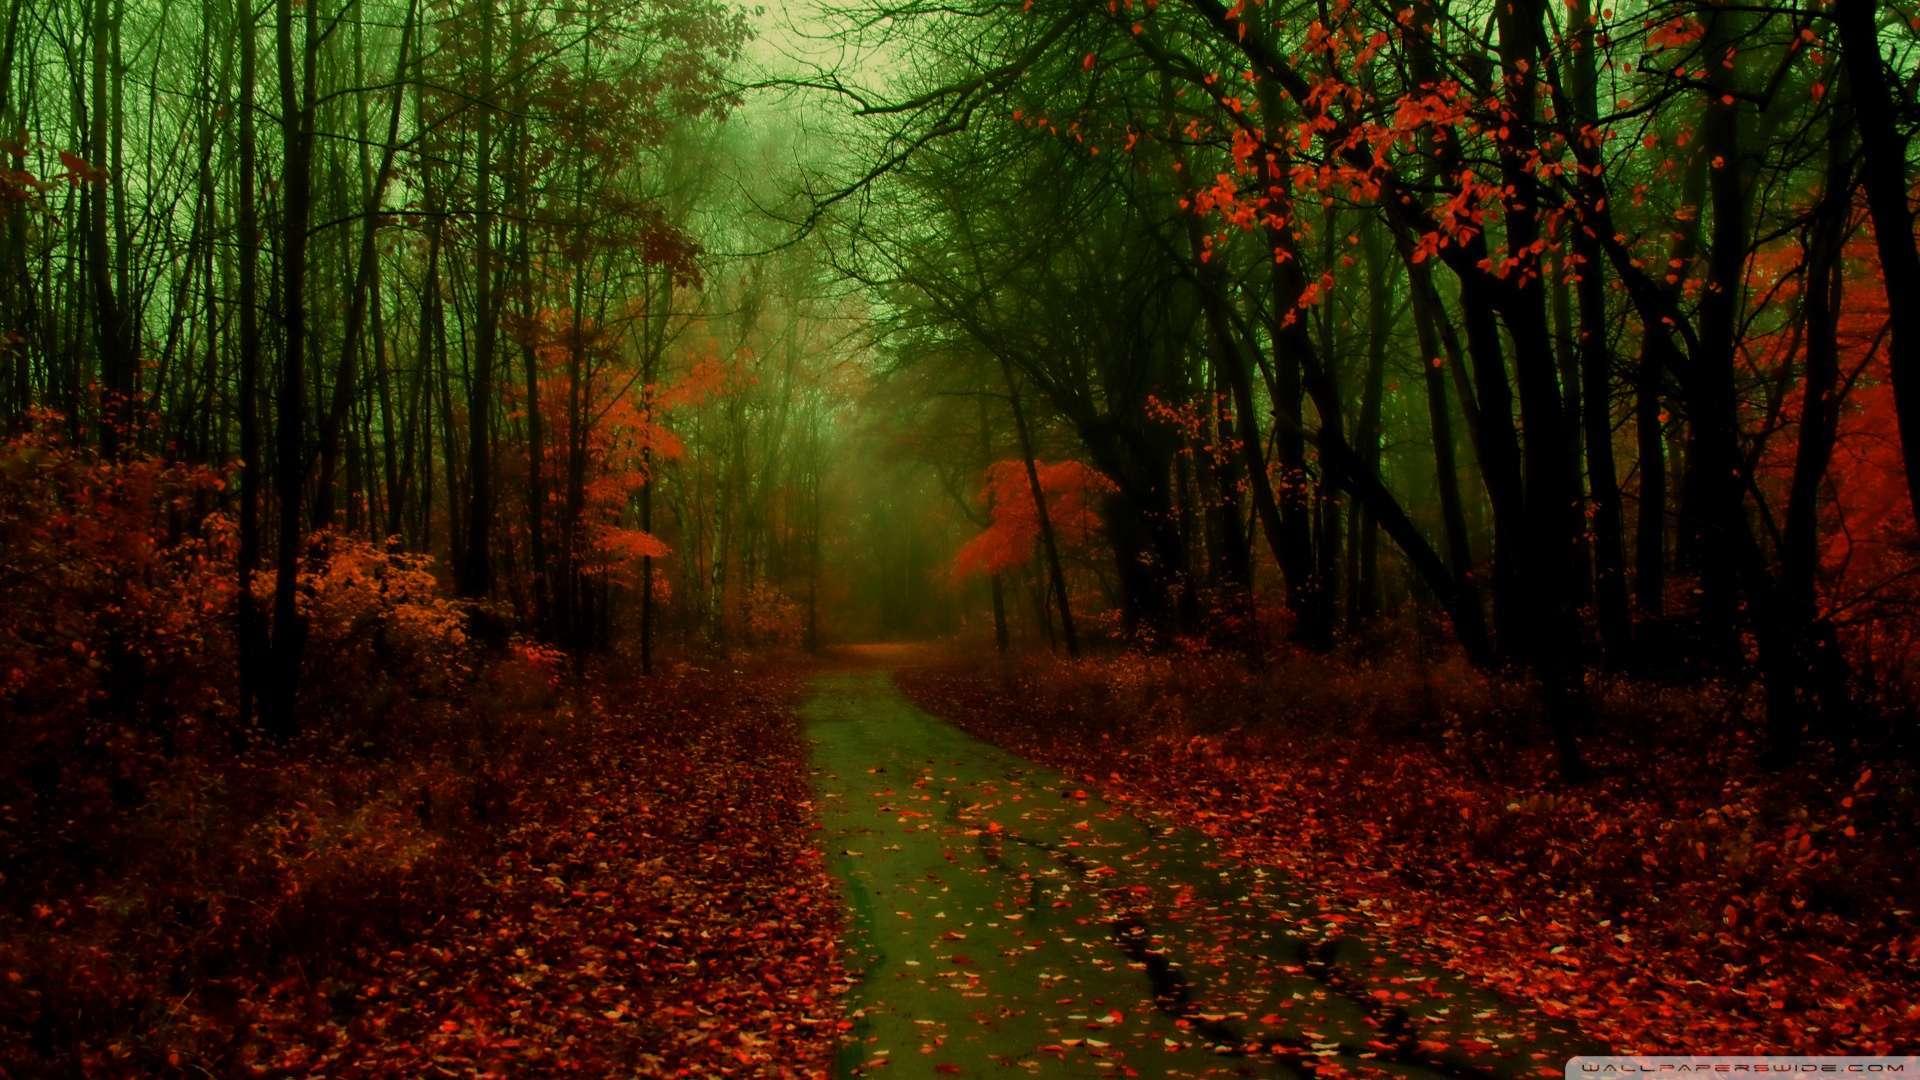 Download now Misty Autumn Wallpaper 1080p HD Read description infos 1920x1080